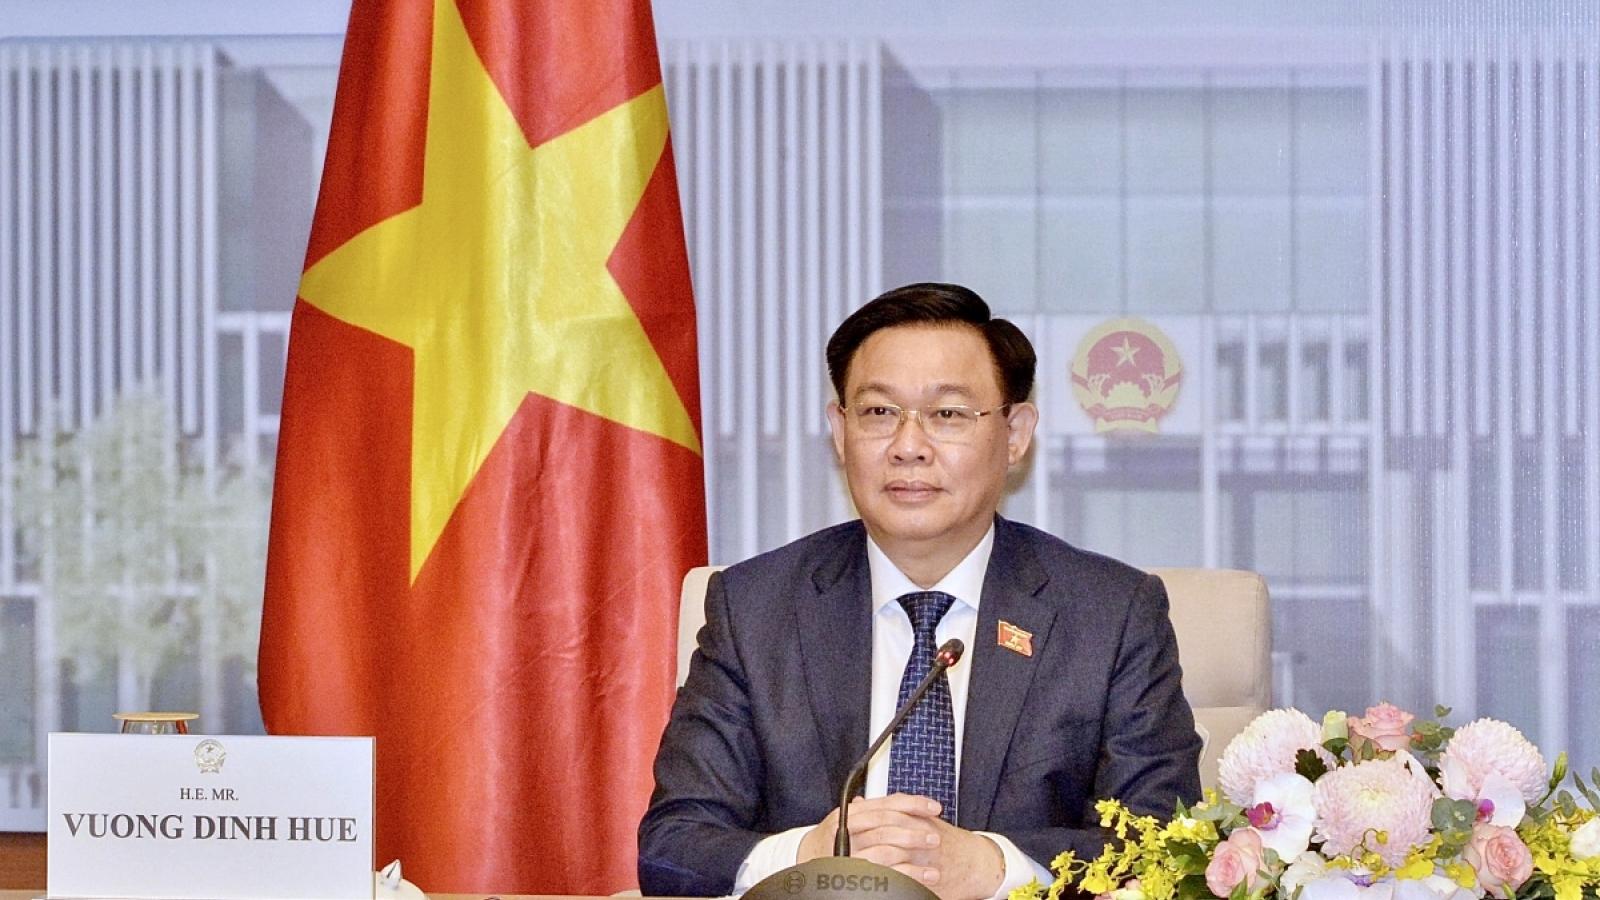 Chủ tịch Nhân đại Trung Quốc chúc mừng Chủ tịch Quốc hội Vương Đình Huệ